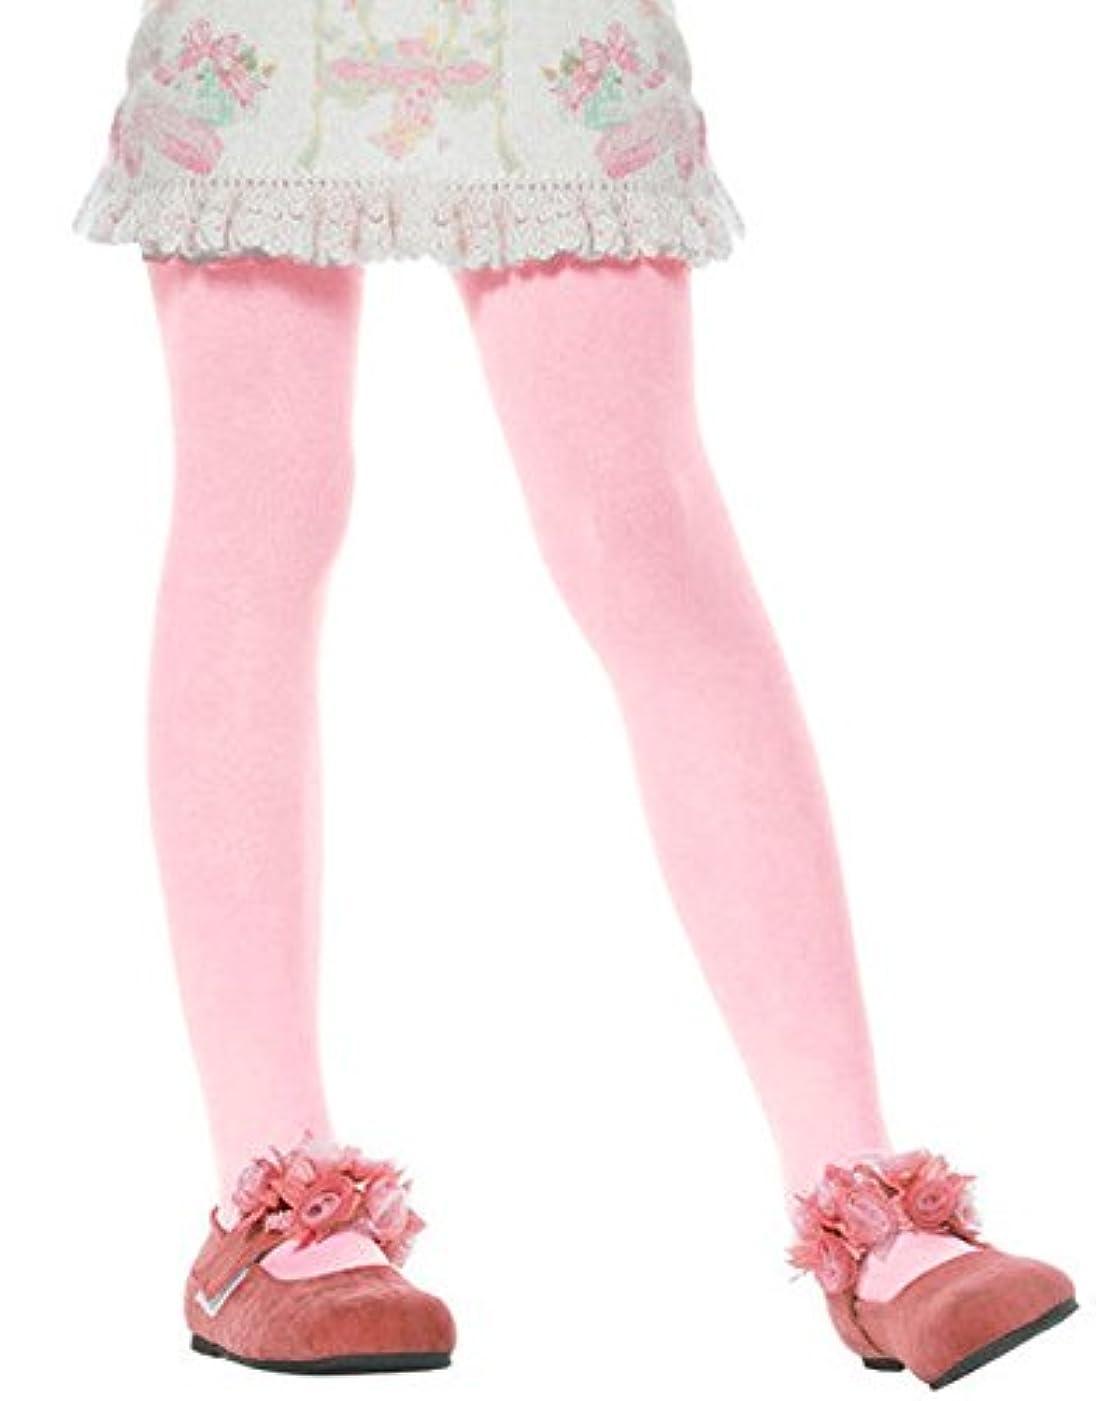 副詞旅行者の慈悲でLEG AVENUE レッグアベニュー タイツ ライトピンク 子供用 KIDS SIZE Sサイズ 4646